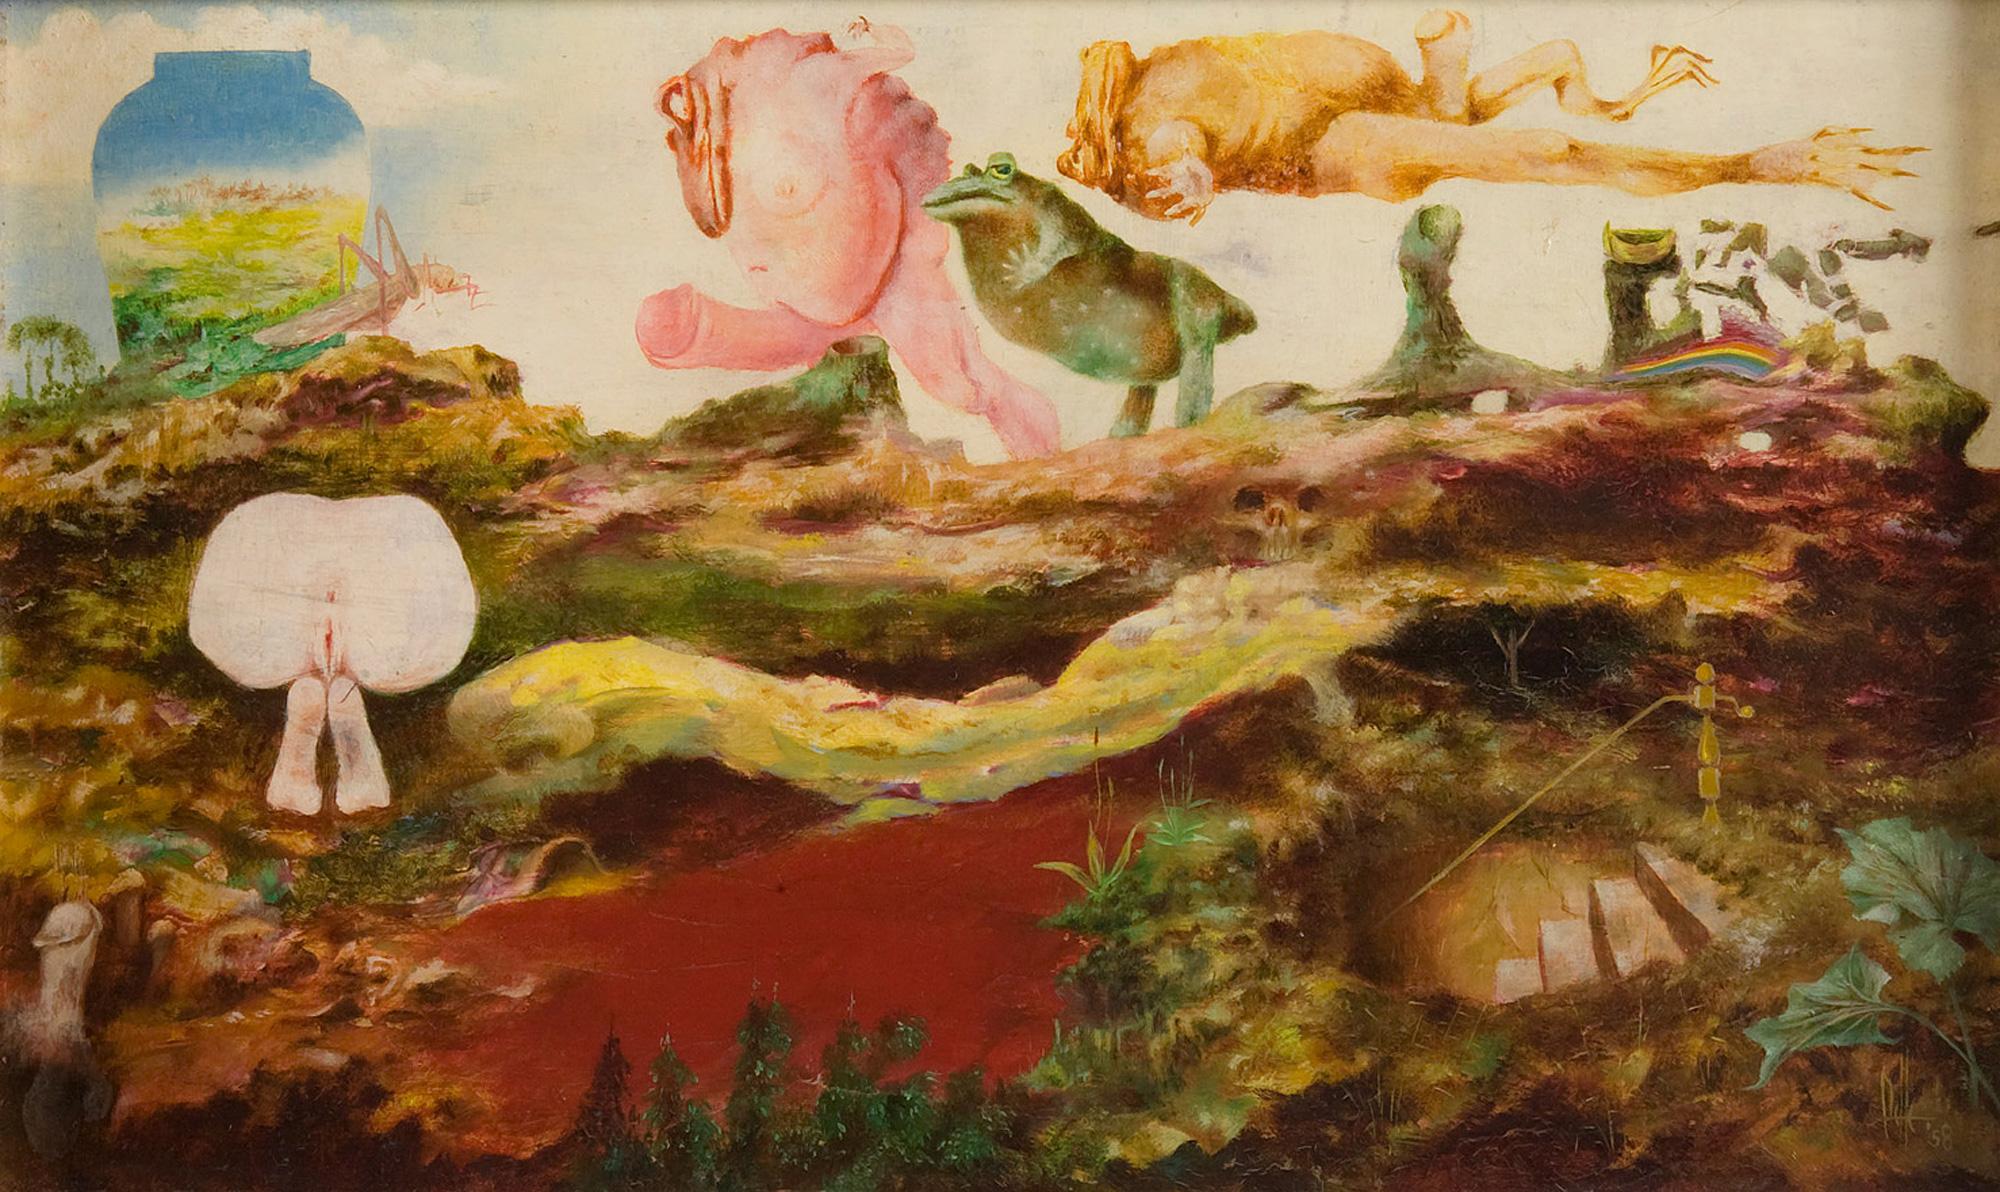 Melle schilder | Atoomwater (Vruchtbaarheid), olieverf op paneel